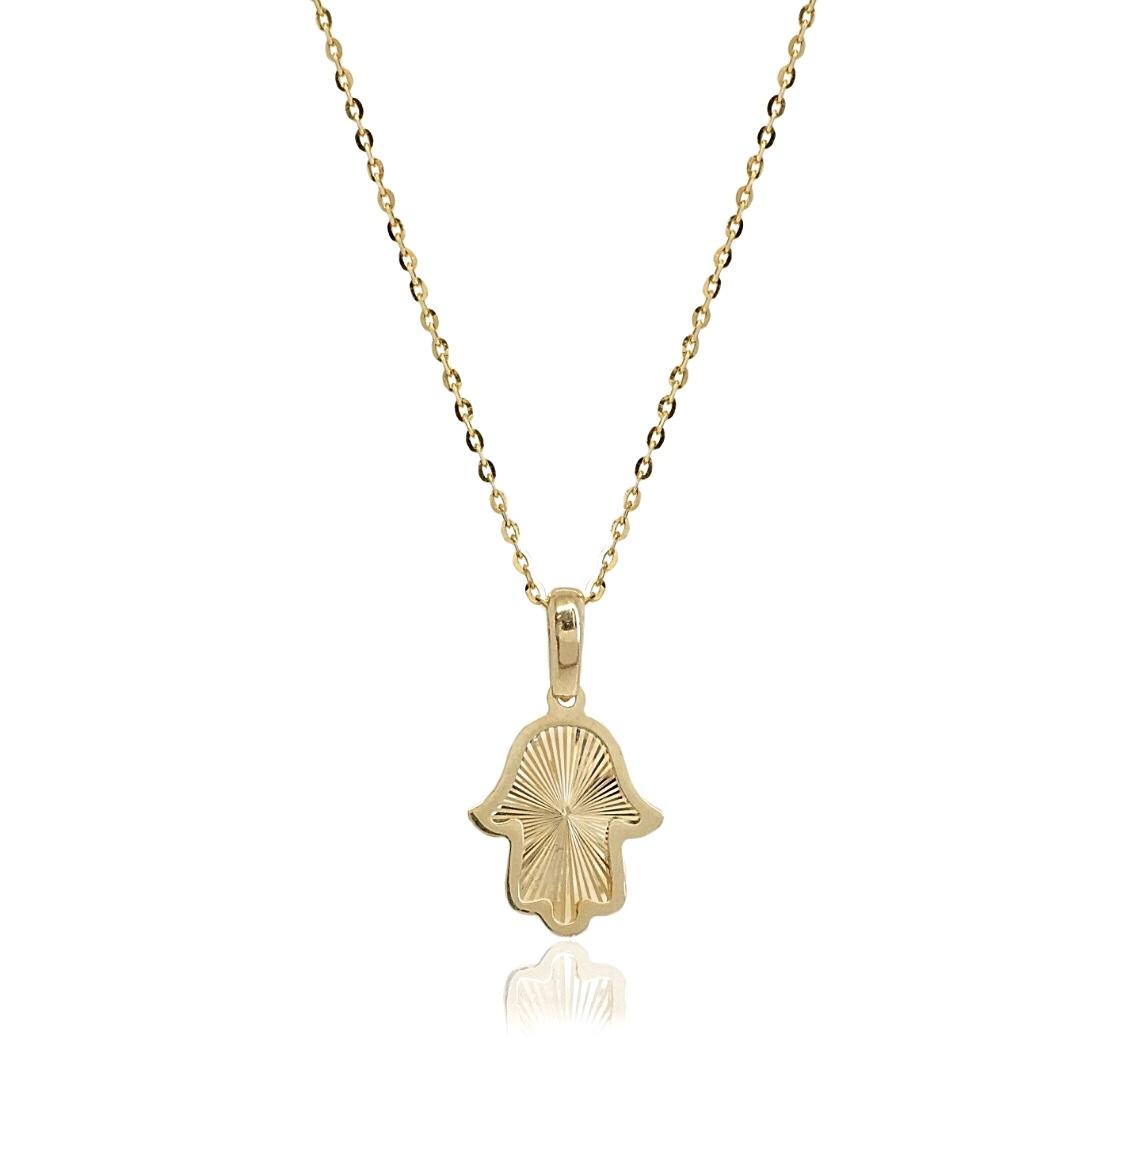 שרשרת חמסה זהב   תליון חמסה מעוצב   חמסה מזהב אמיתי 14 קאראט